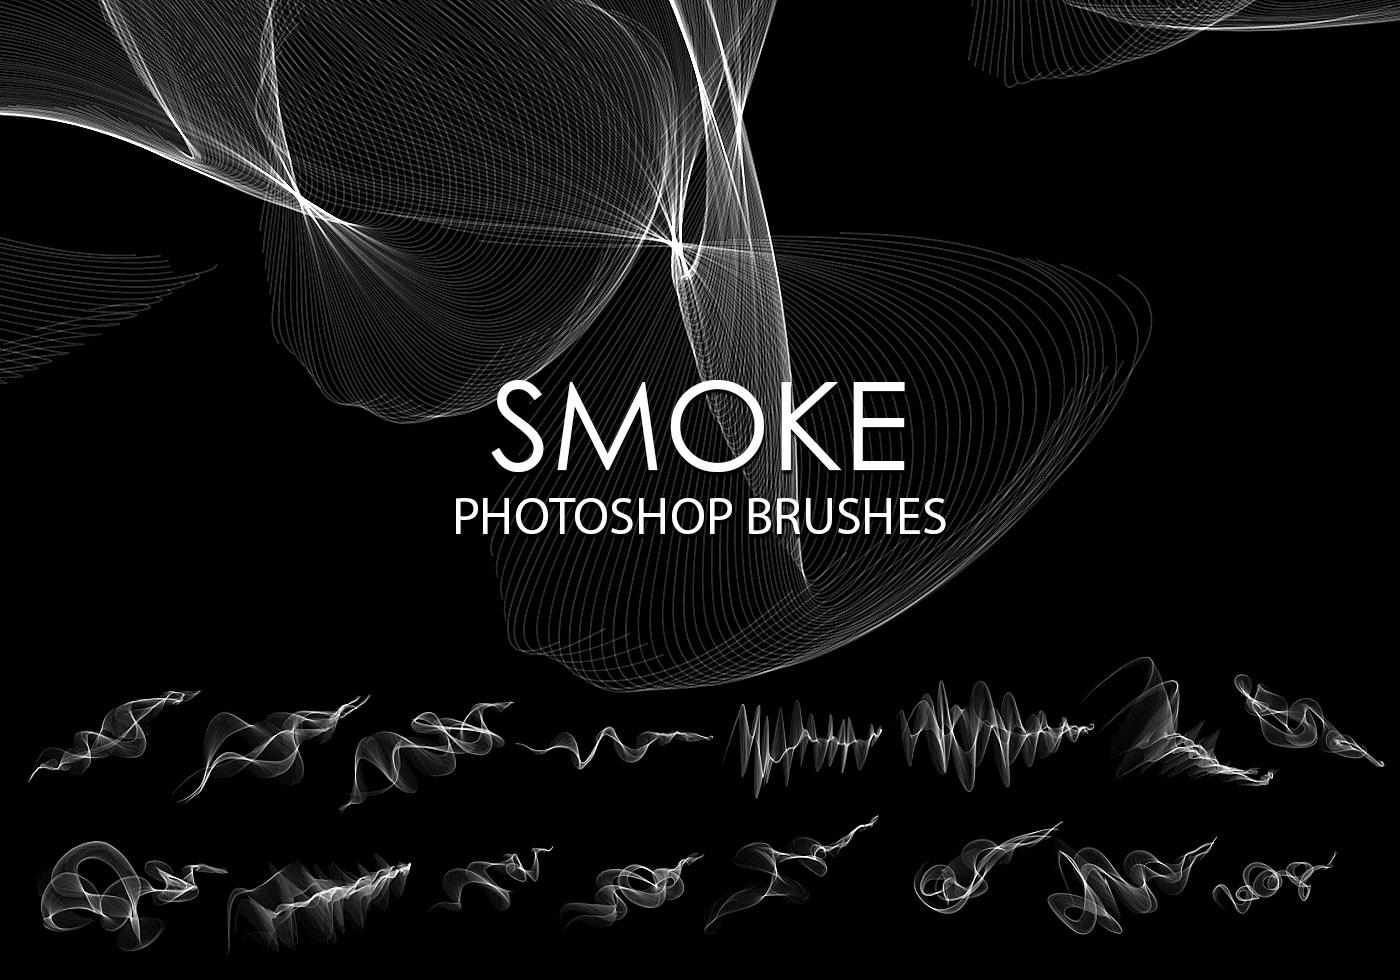 Free Abstract Smoke Photoshop Brushes 5 - Free Photoshop ...